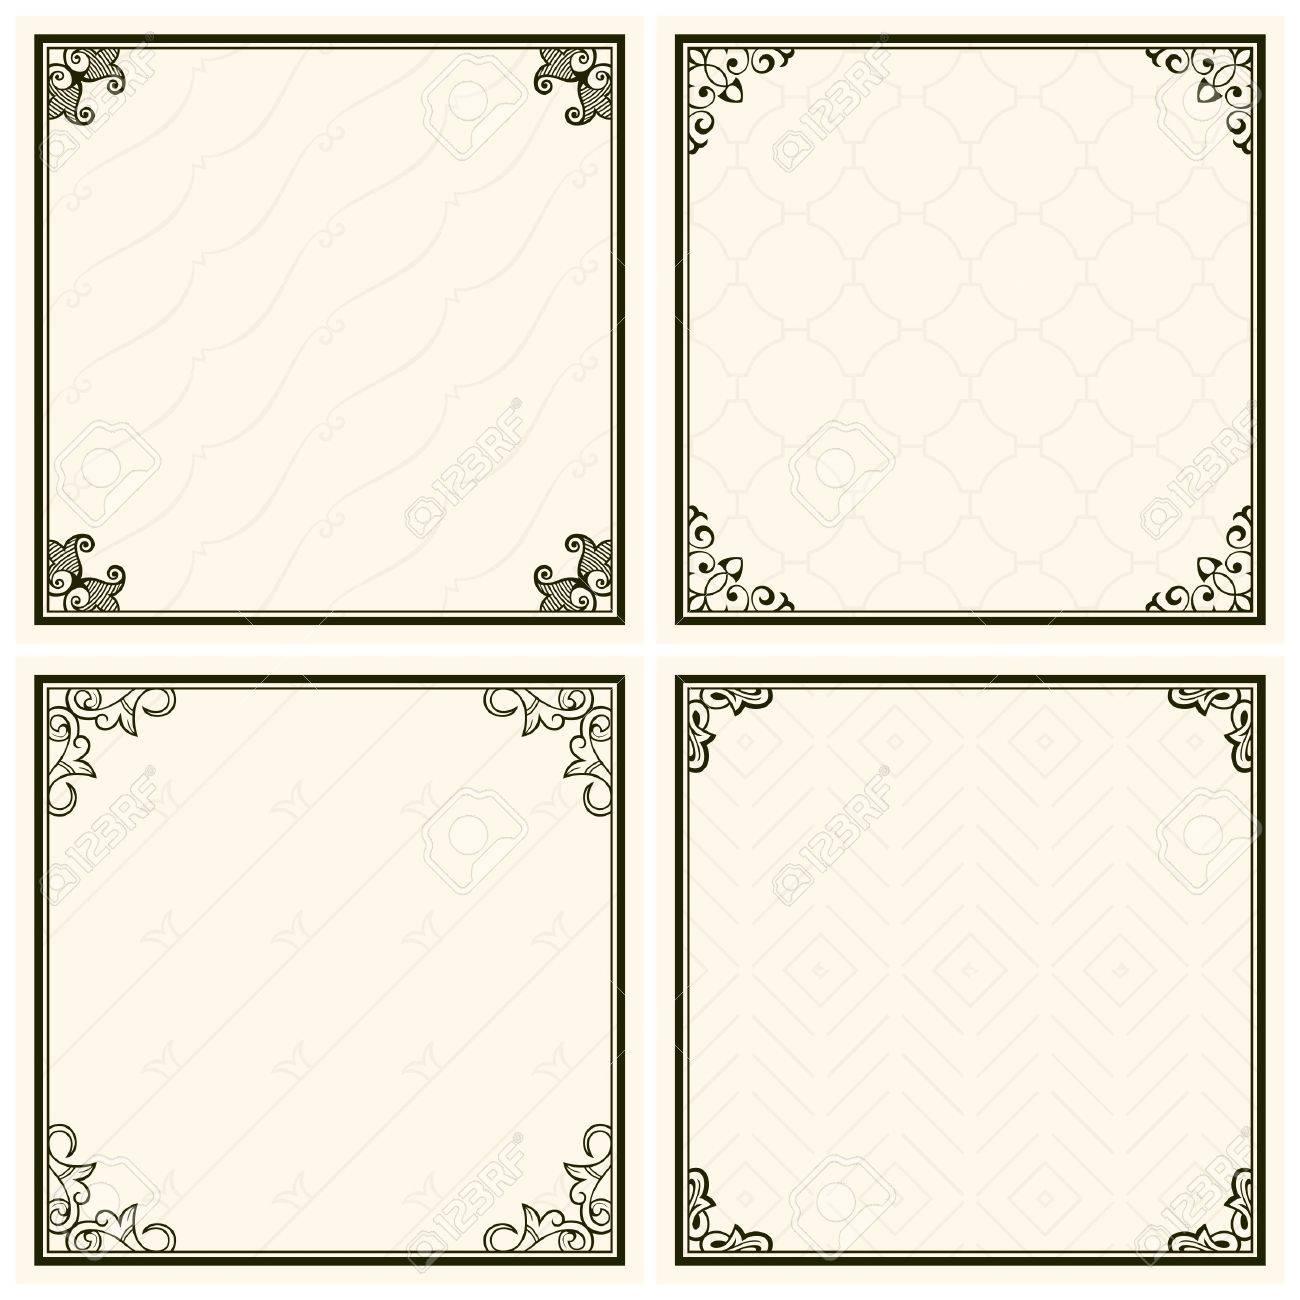 Decorative menu frames Stock Vector - 17396788